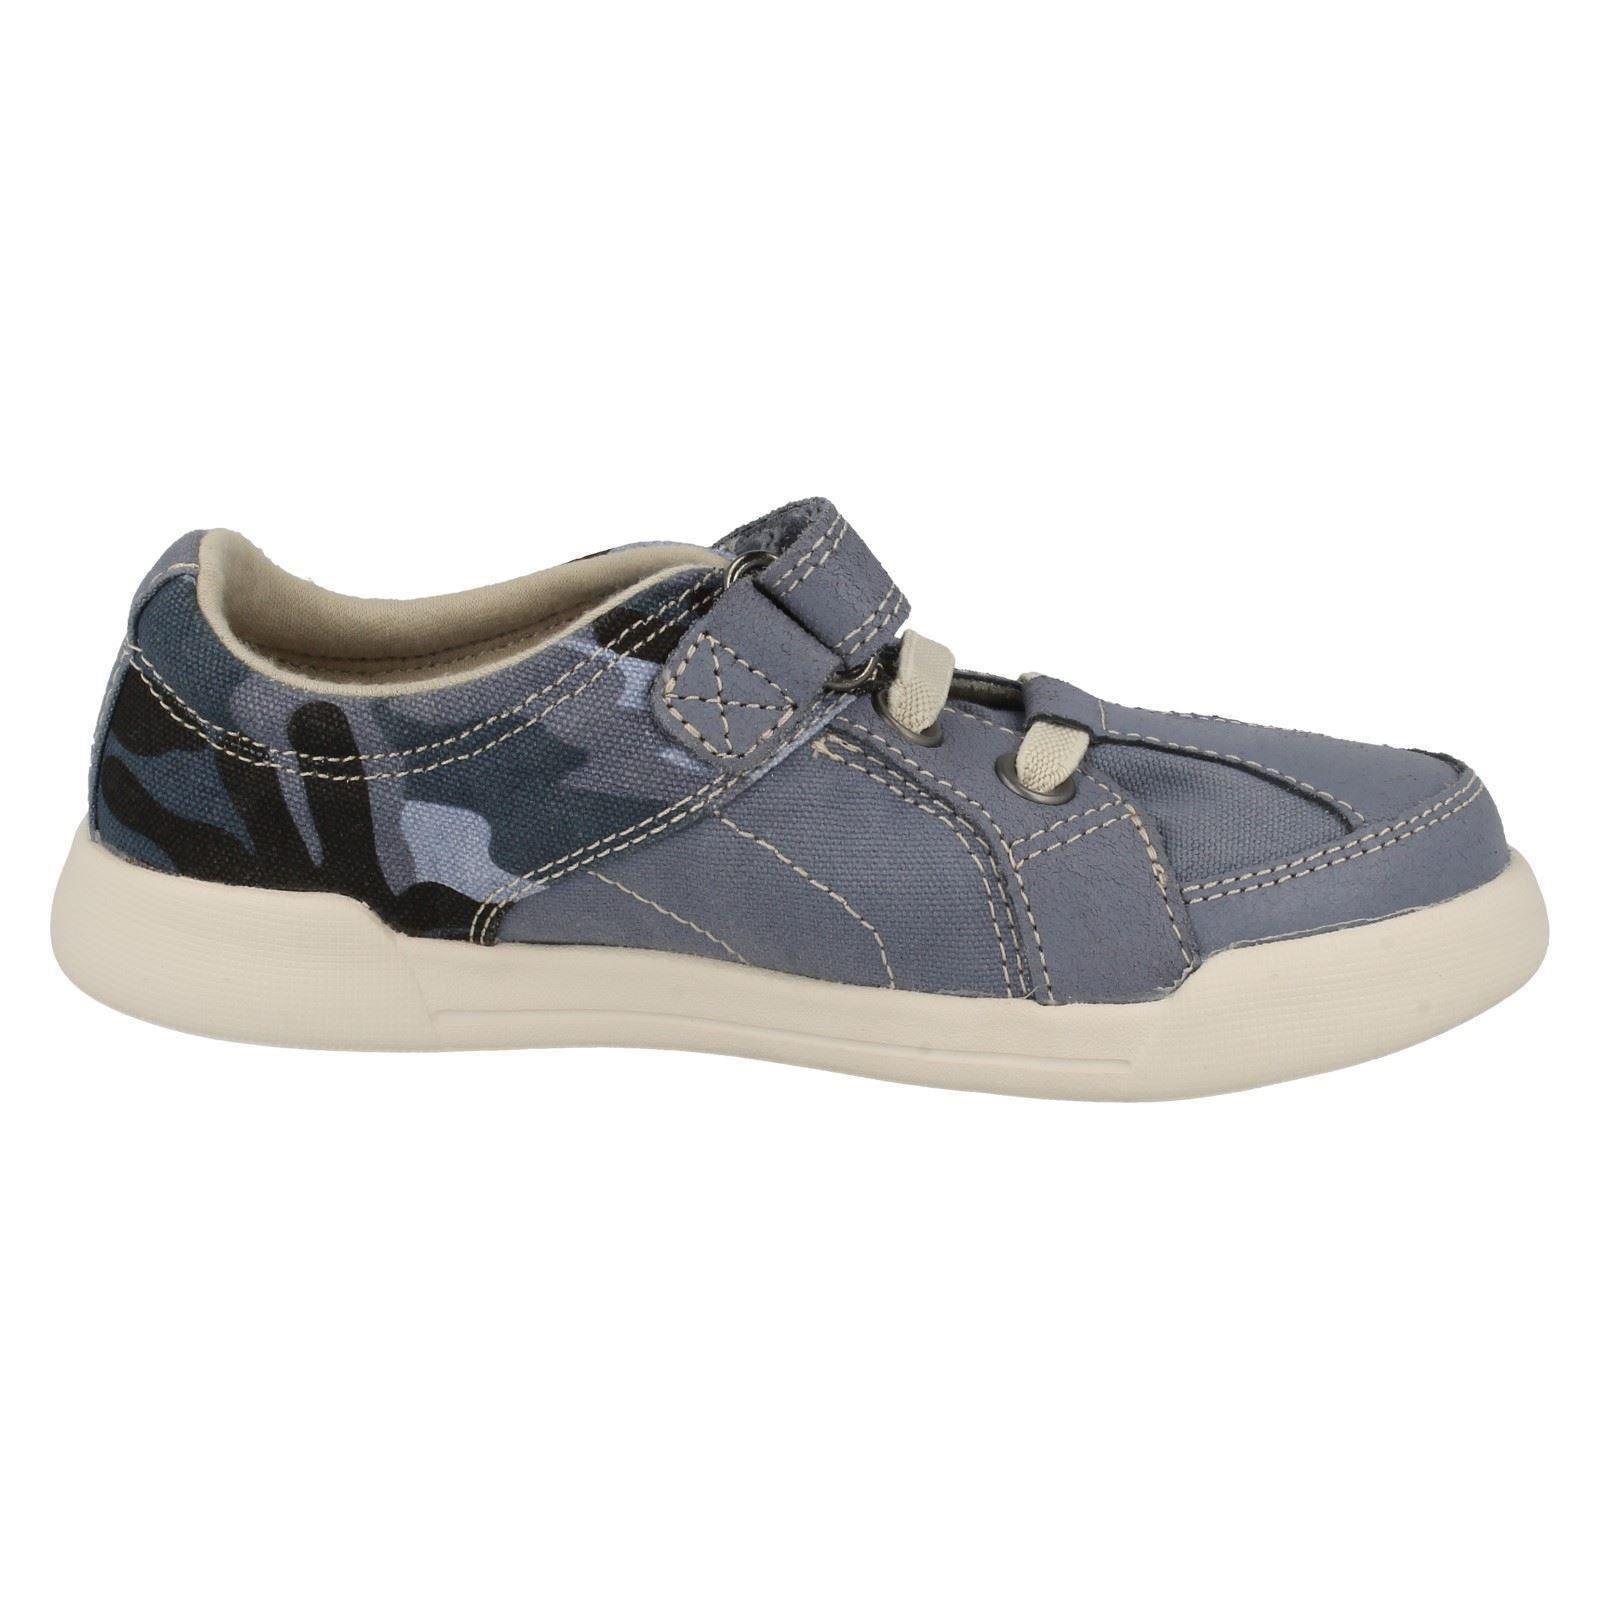 clarks boys canvas shoes kintor lad ebay